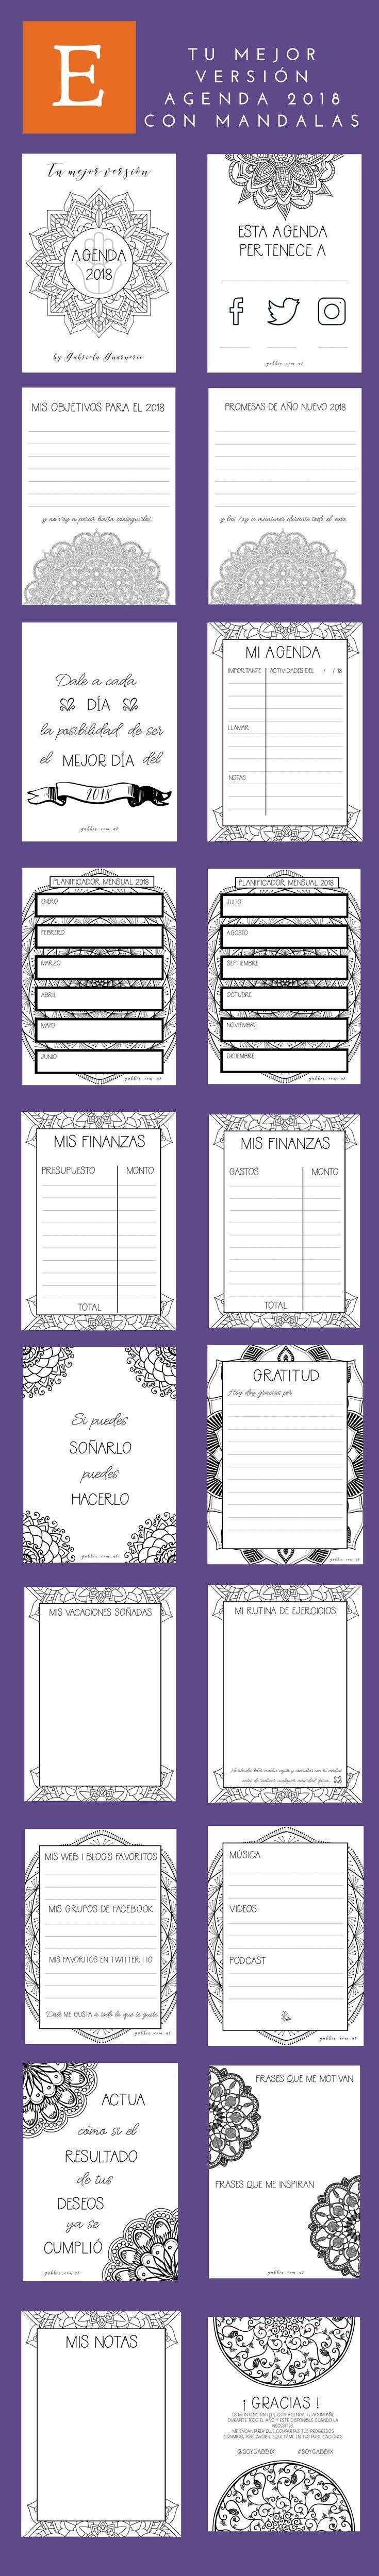 Agenda 2018 con Mandalas para colorear y consignas de journaling Bullet journal imprimible para dise±ar tu a±o y vivir tu mejor versi³n